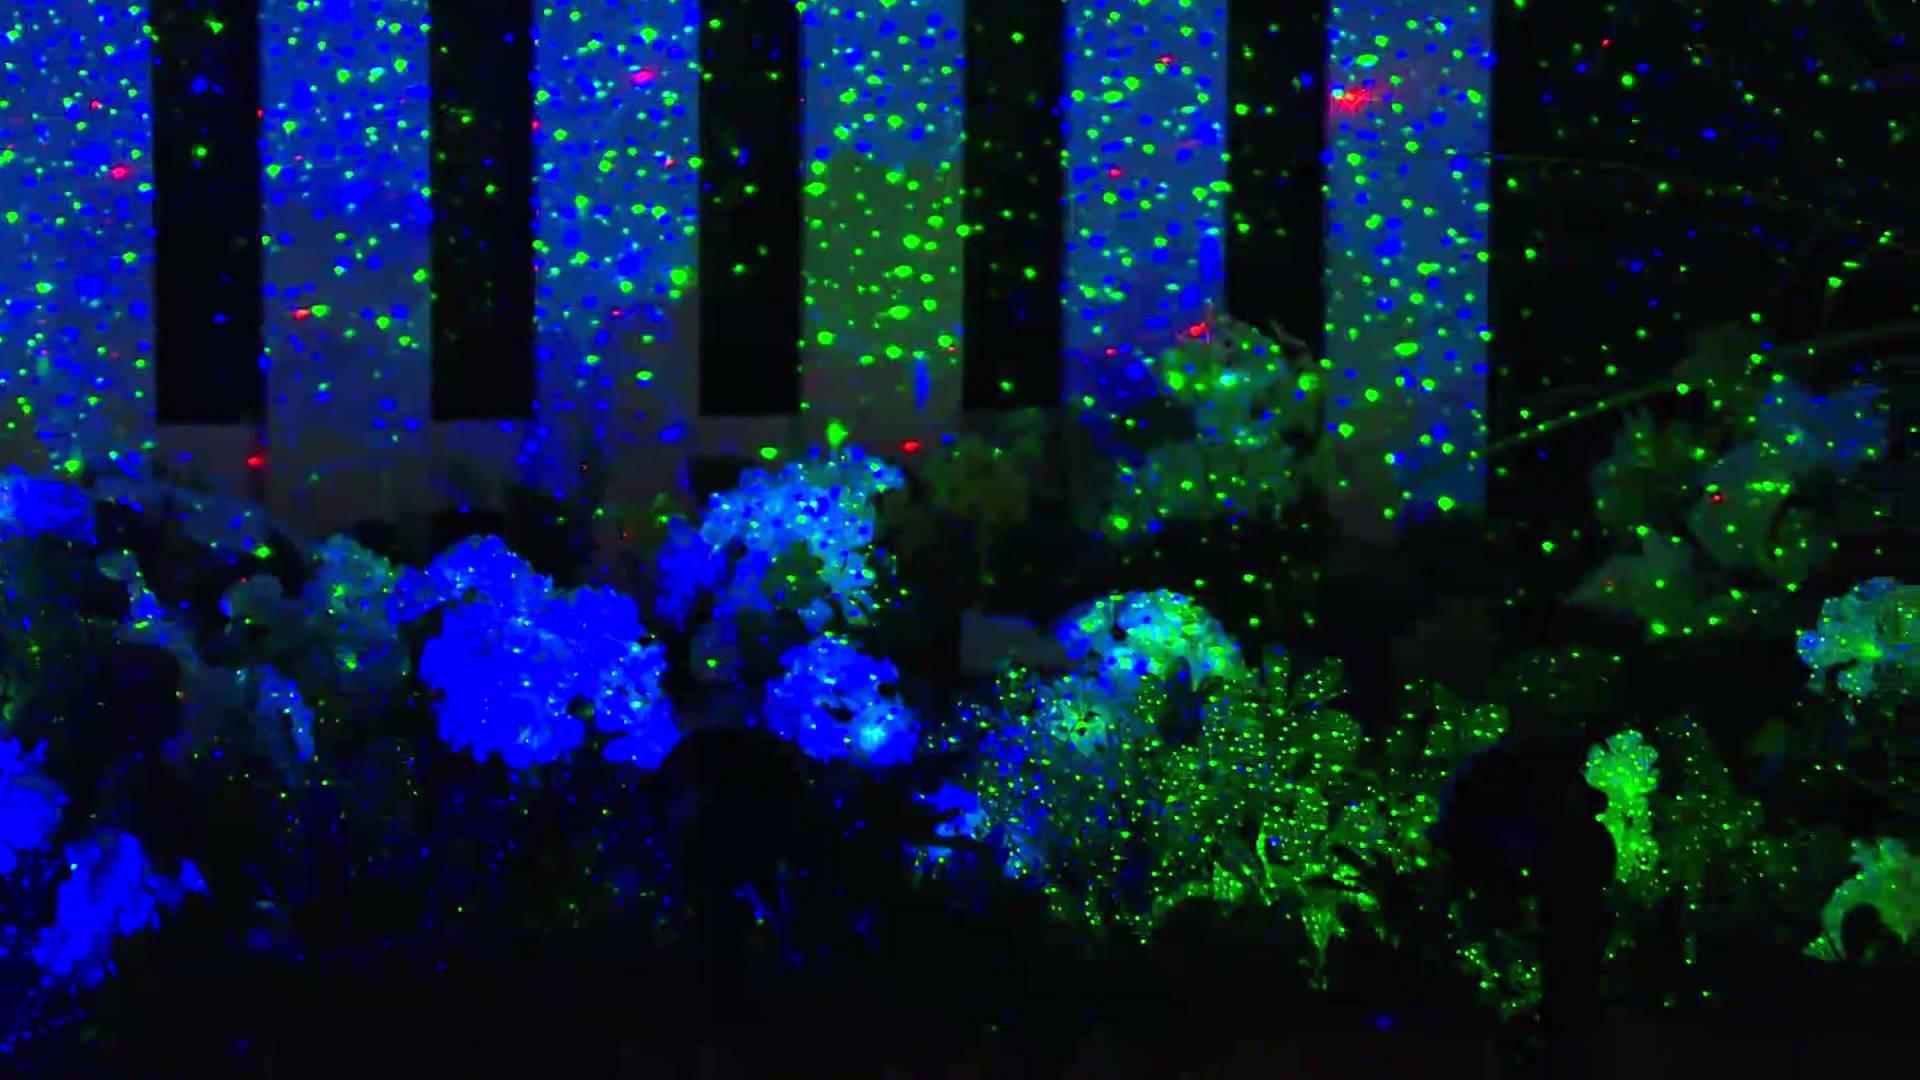 Blisslights Spright Motion Blue Laser Light Remote Outdoors Stars Projector Vapor